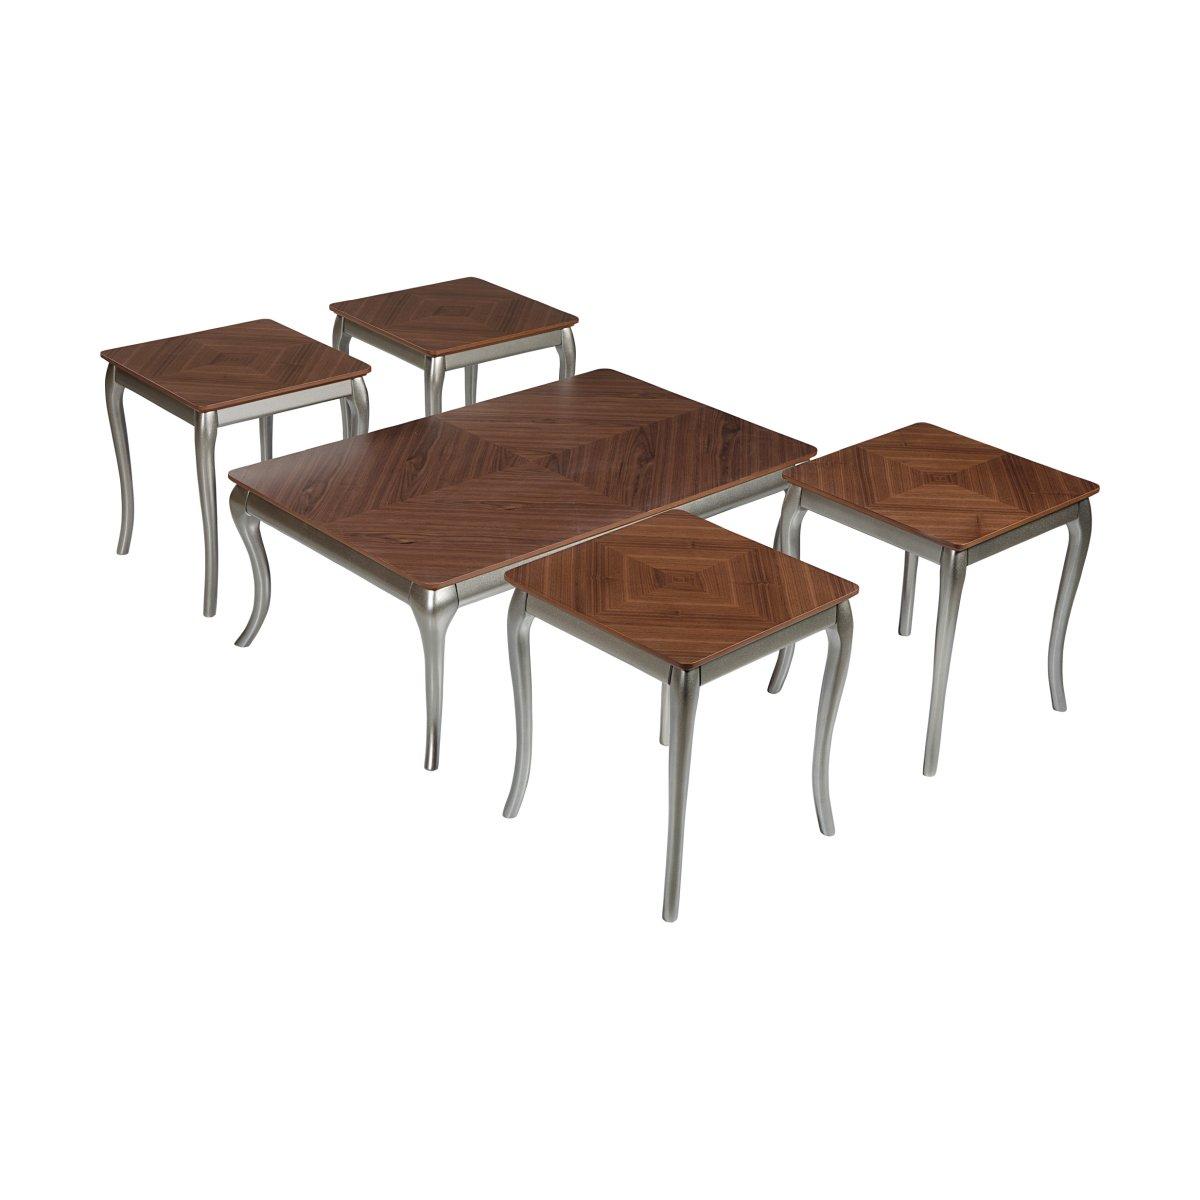 Masa Çeşitleri Nelerdir? 2